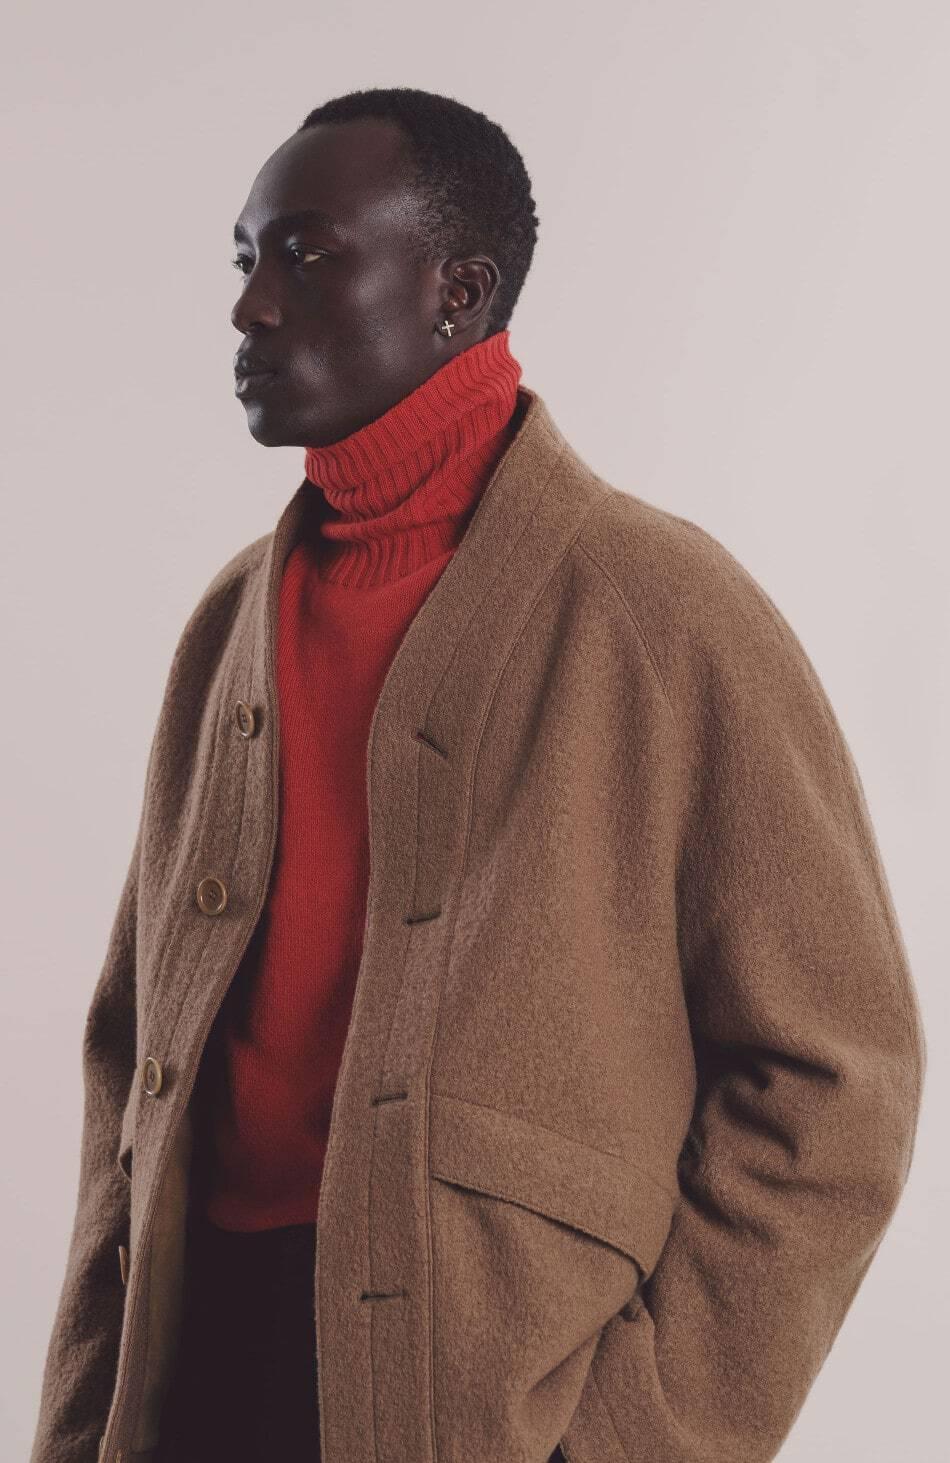 A model wearing 100% wool Erkin Jacket from YMC